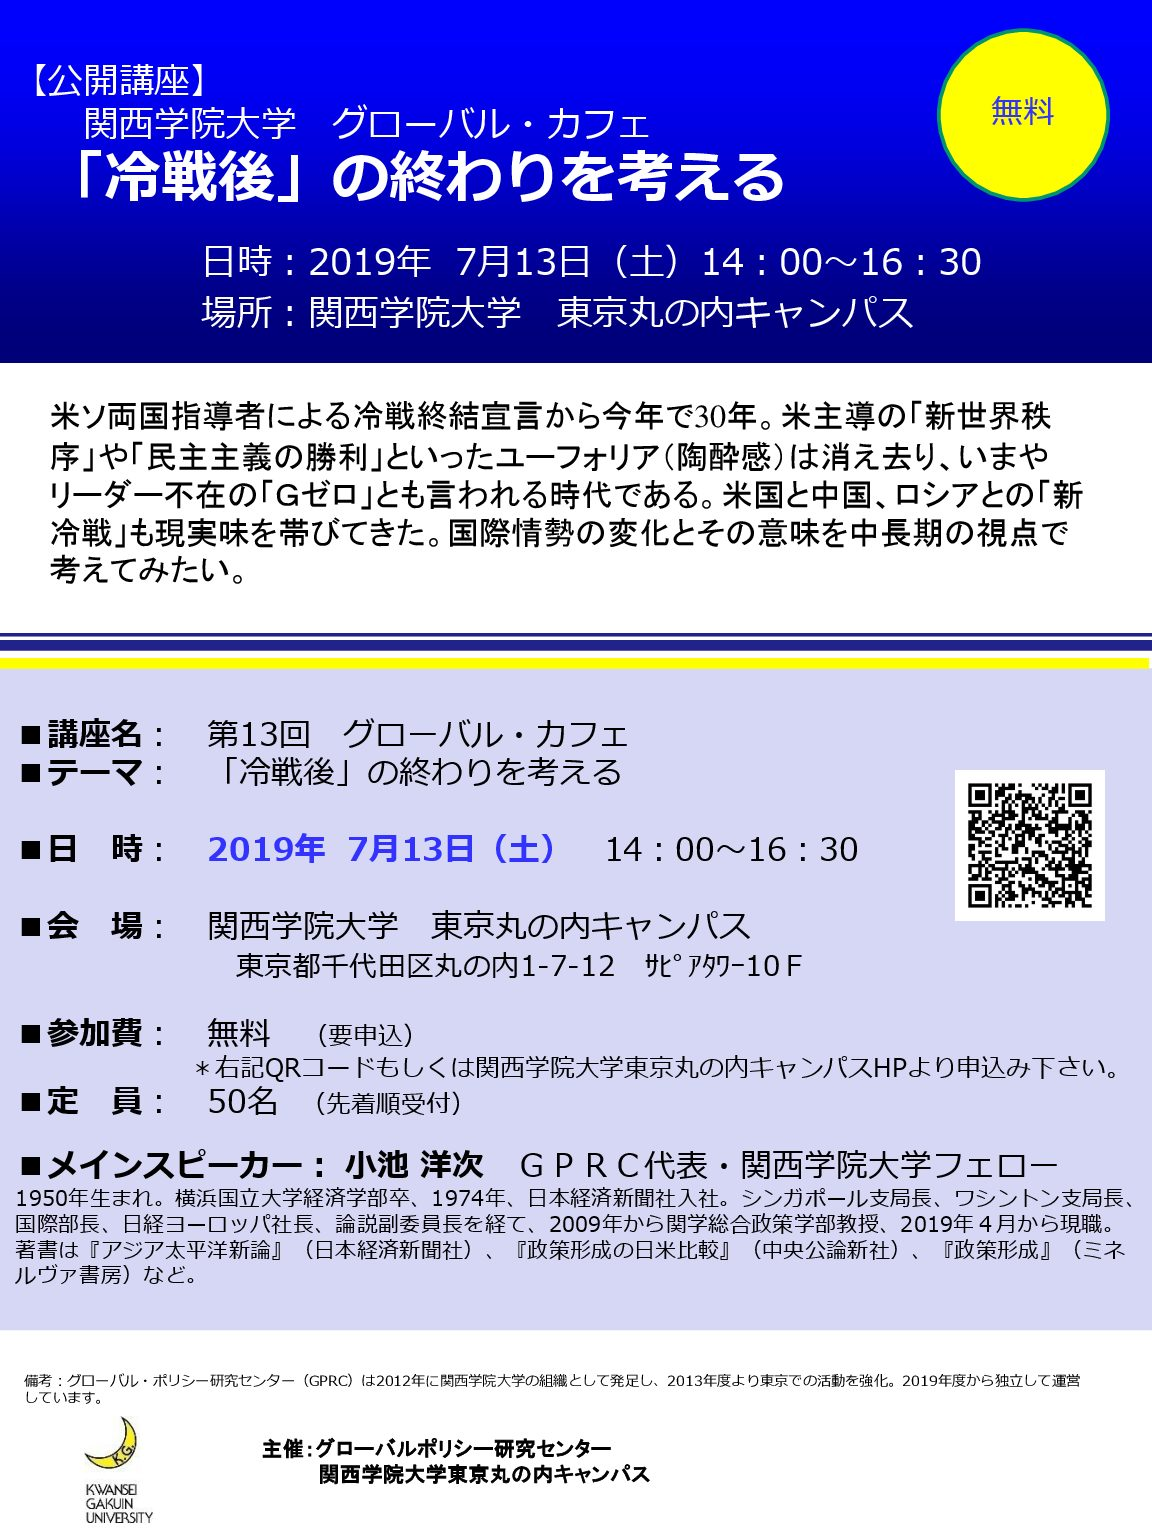 【公開講座】関西学院大学 グローバル・カフェ「冷戦後」の終わりを考える